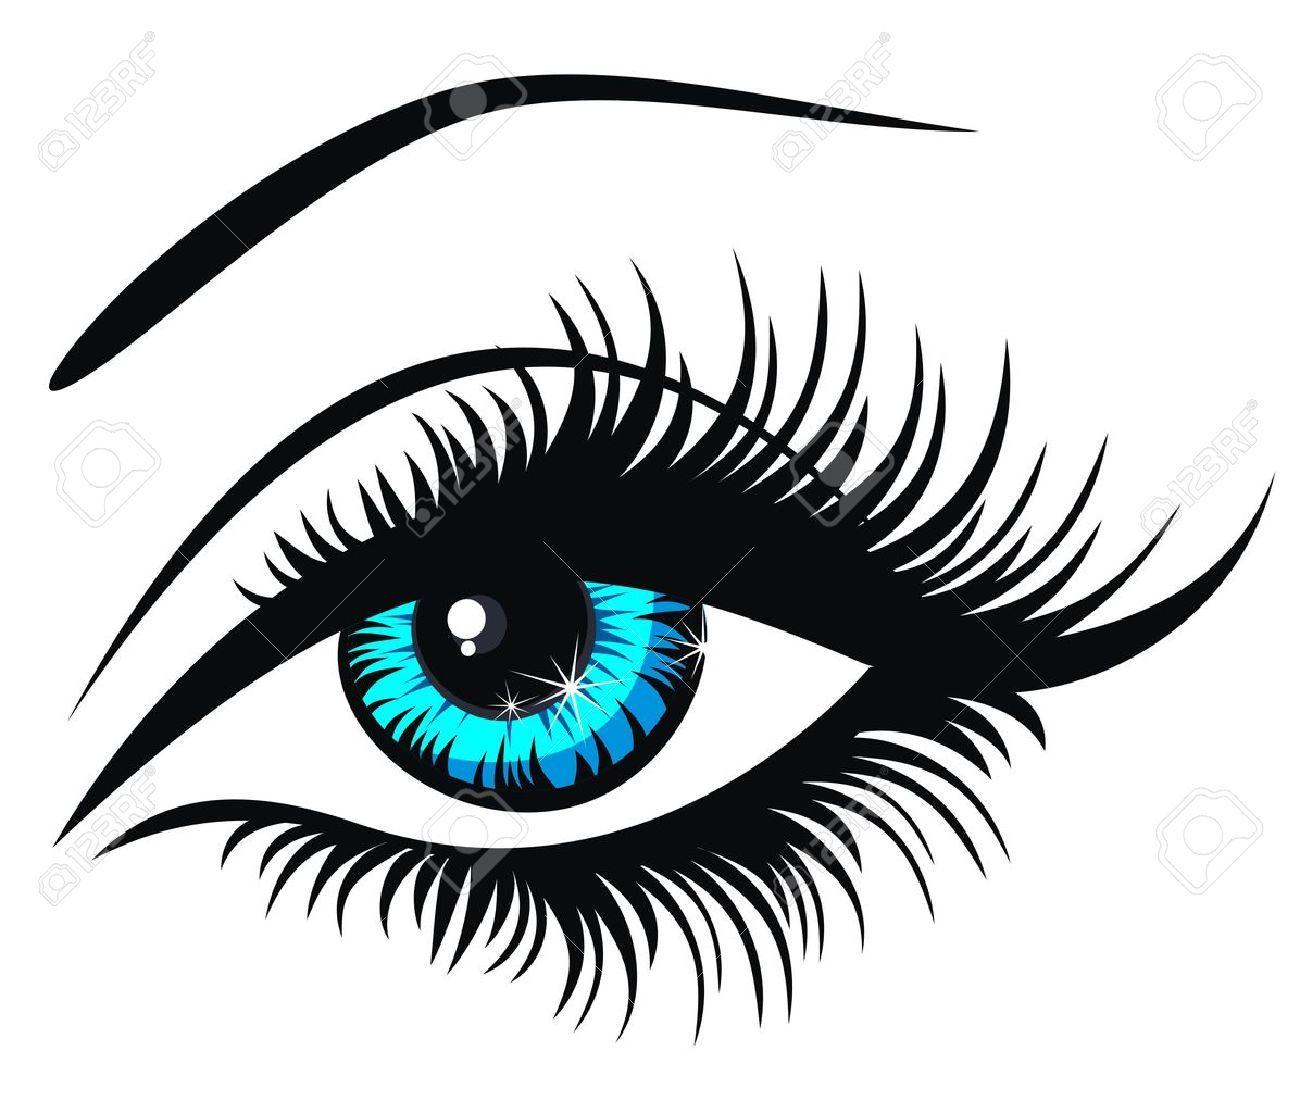 image result for eyelash clip art artworks in 2018 pinterest rh pinterest com Lady Winking Eye Clip Art Animated Winking Eyes Clip Art